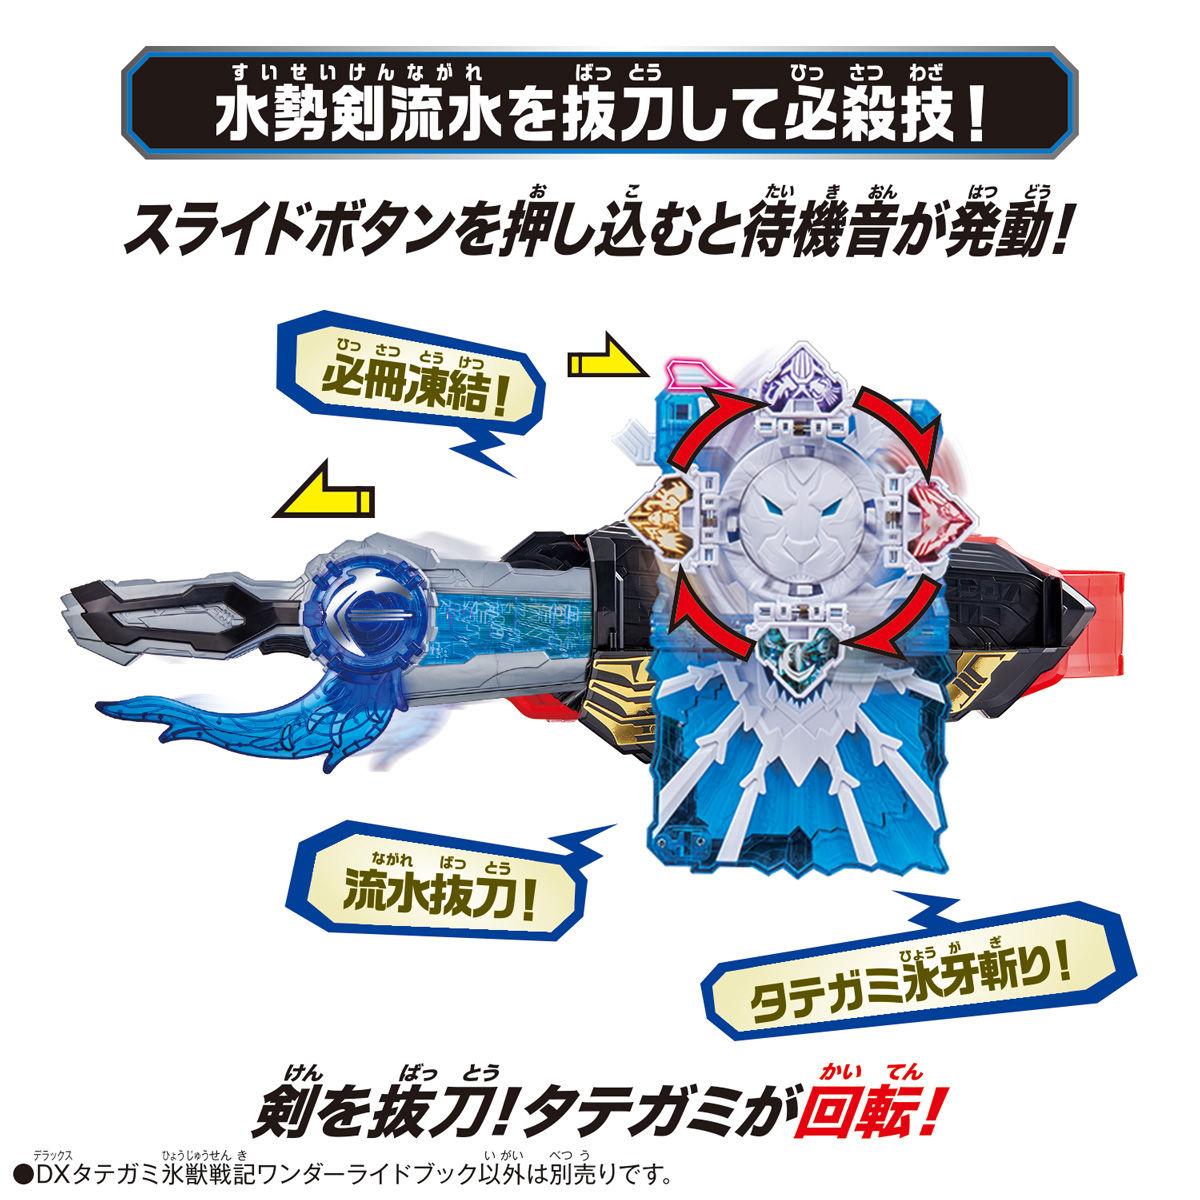 仮面ライダーセイバー『DXタテガミ氷獣戦記ワンダーライドブック』変身なりきり-008